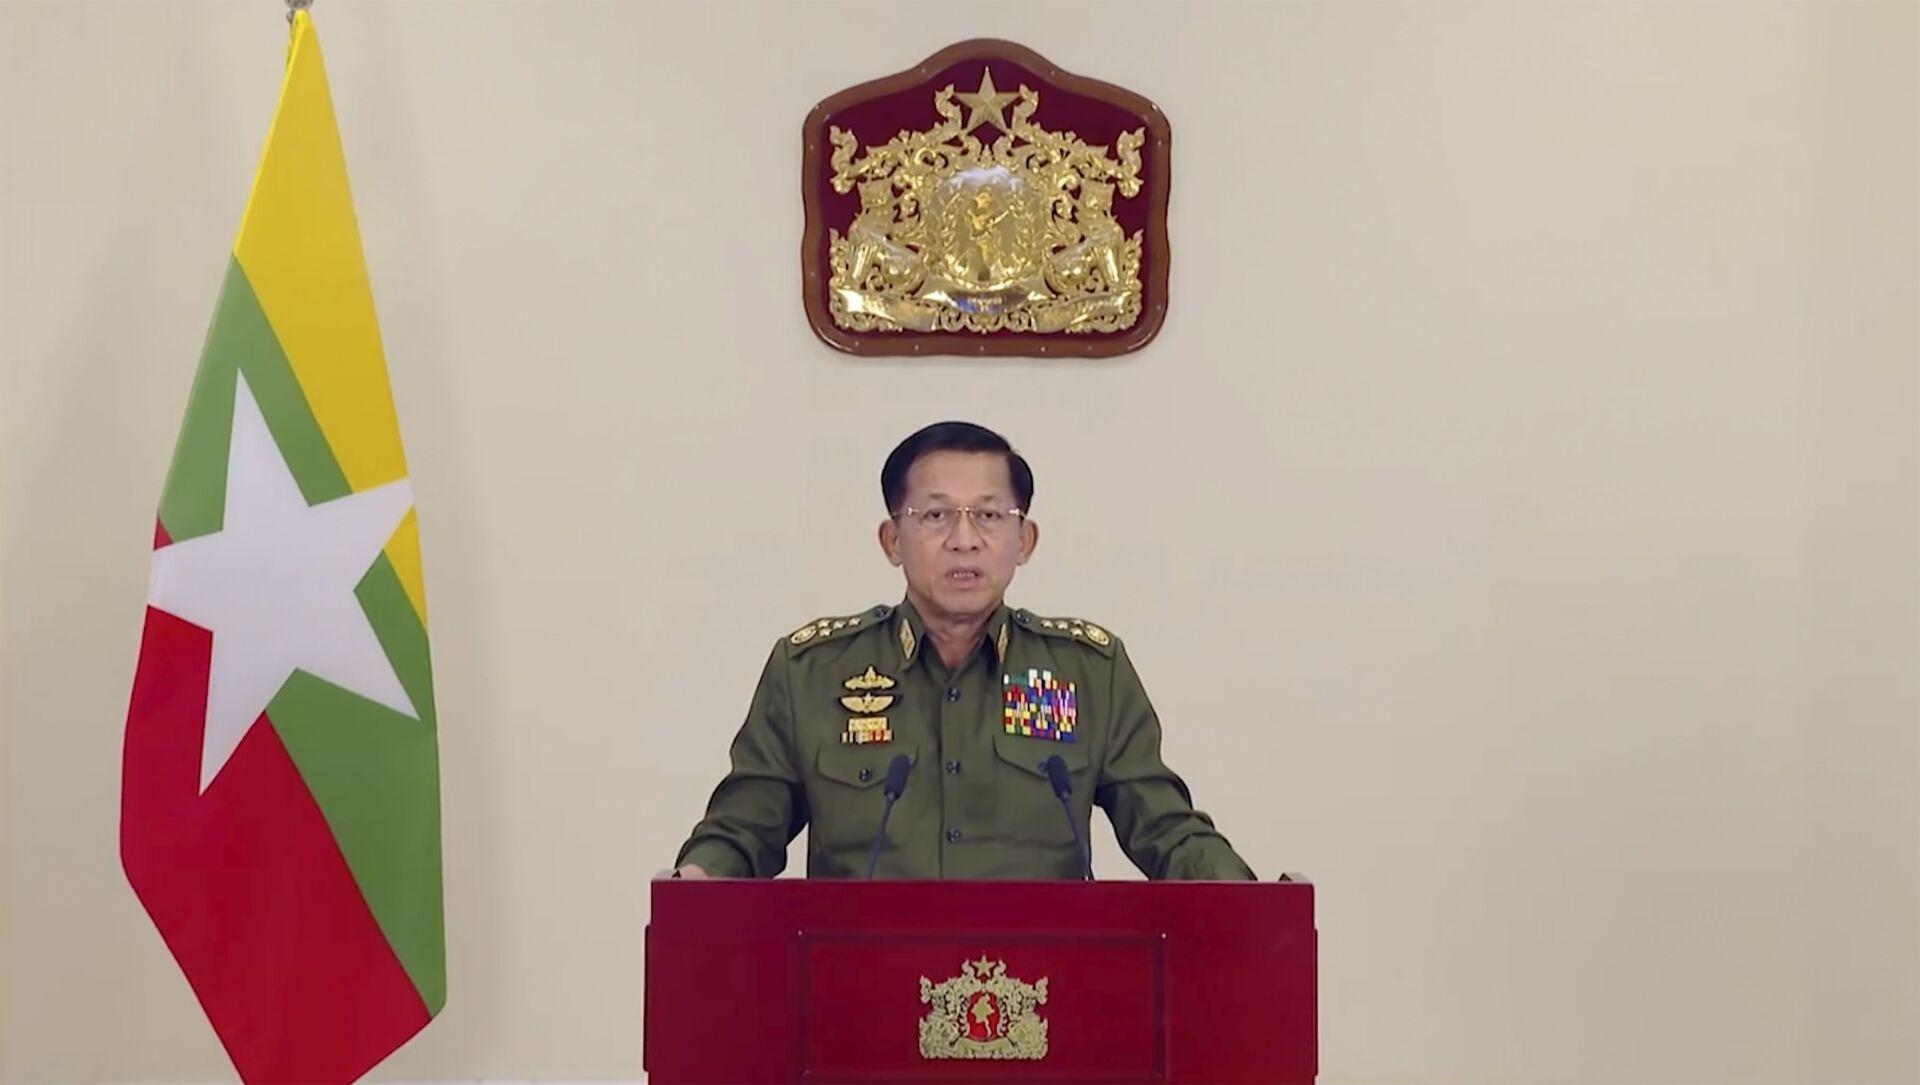 Chủ tịch Hội đồng Hành chính Nhà nước, Tổng Tư lệnh Các lực lượng vũ trang Myanmar, Thượng tướng Min Aung Hline. - Sputnik Việt Nam, 1920, 26.03.2021